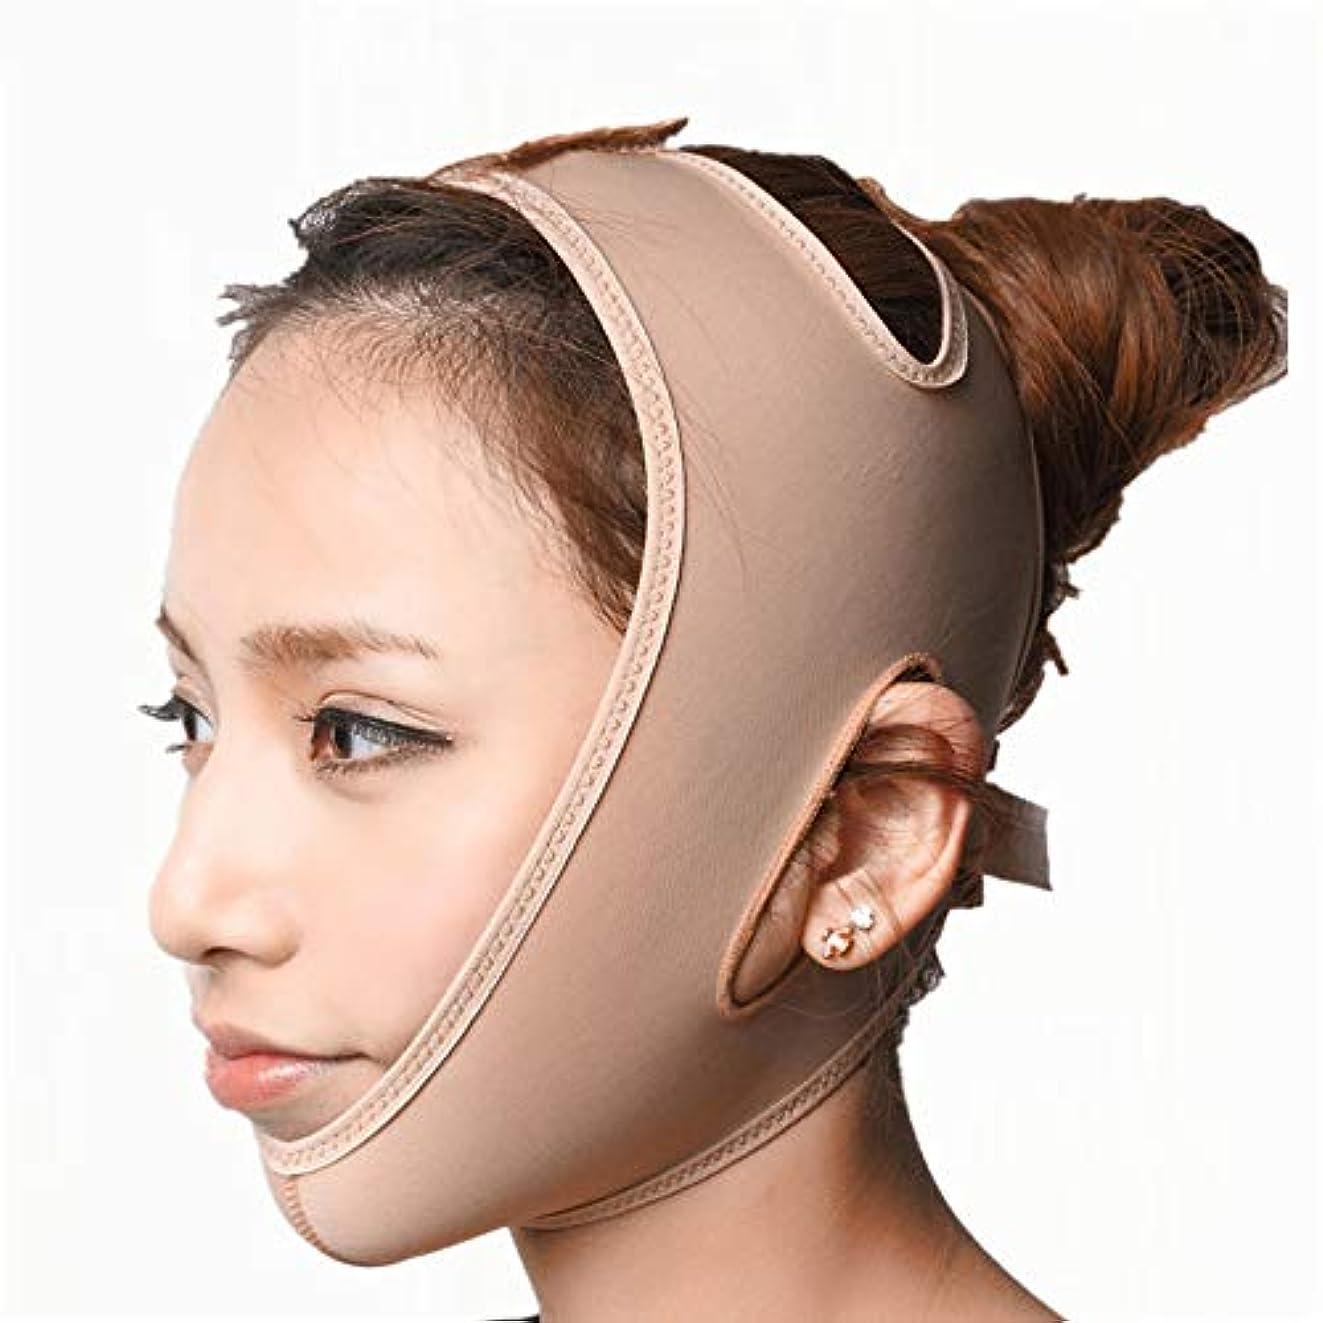 規範入手します感度フェイスリフトベルト 薄い顔のベルト - 薄い顔のアーチファクトVの顔の包帯マスクの顔のマッサージャー薄いダブルの顎のデバイス